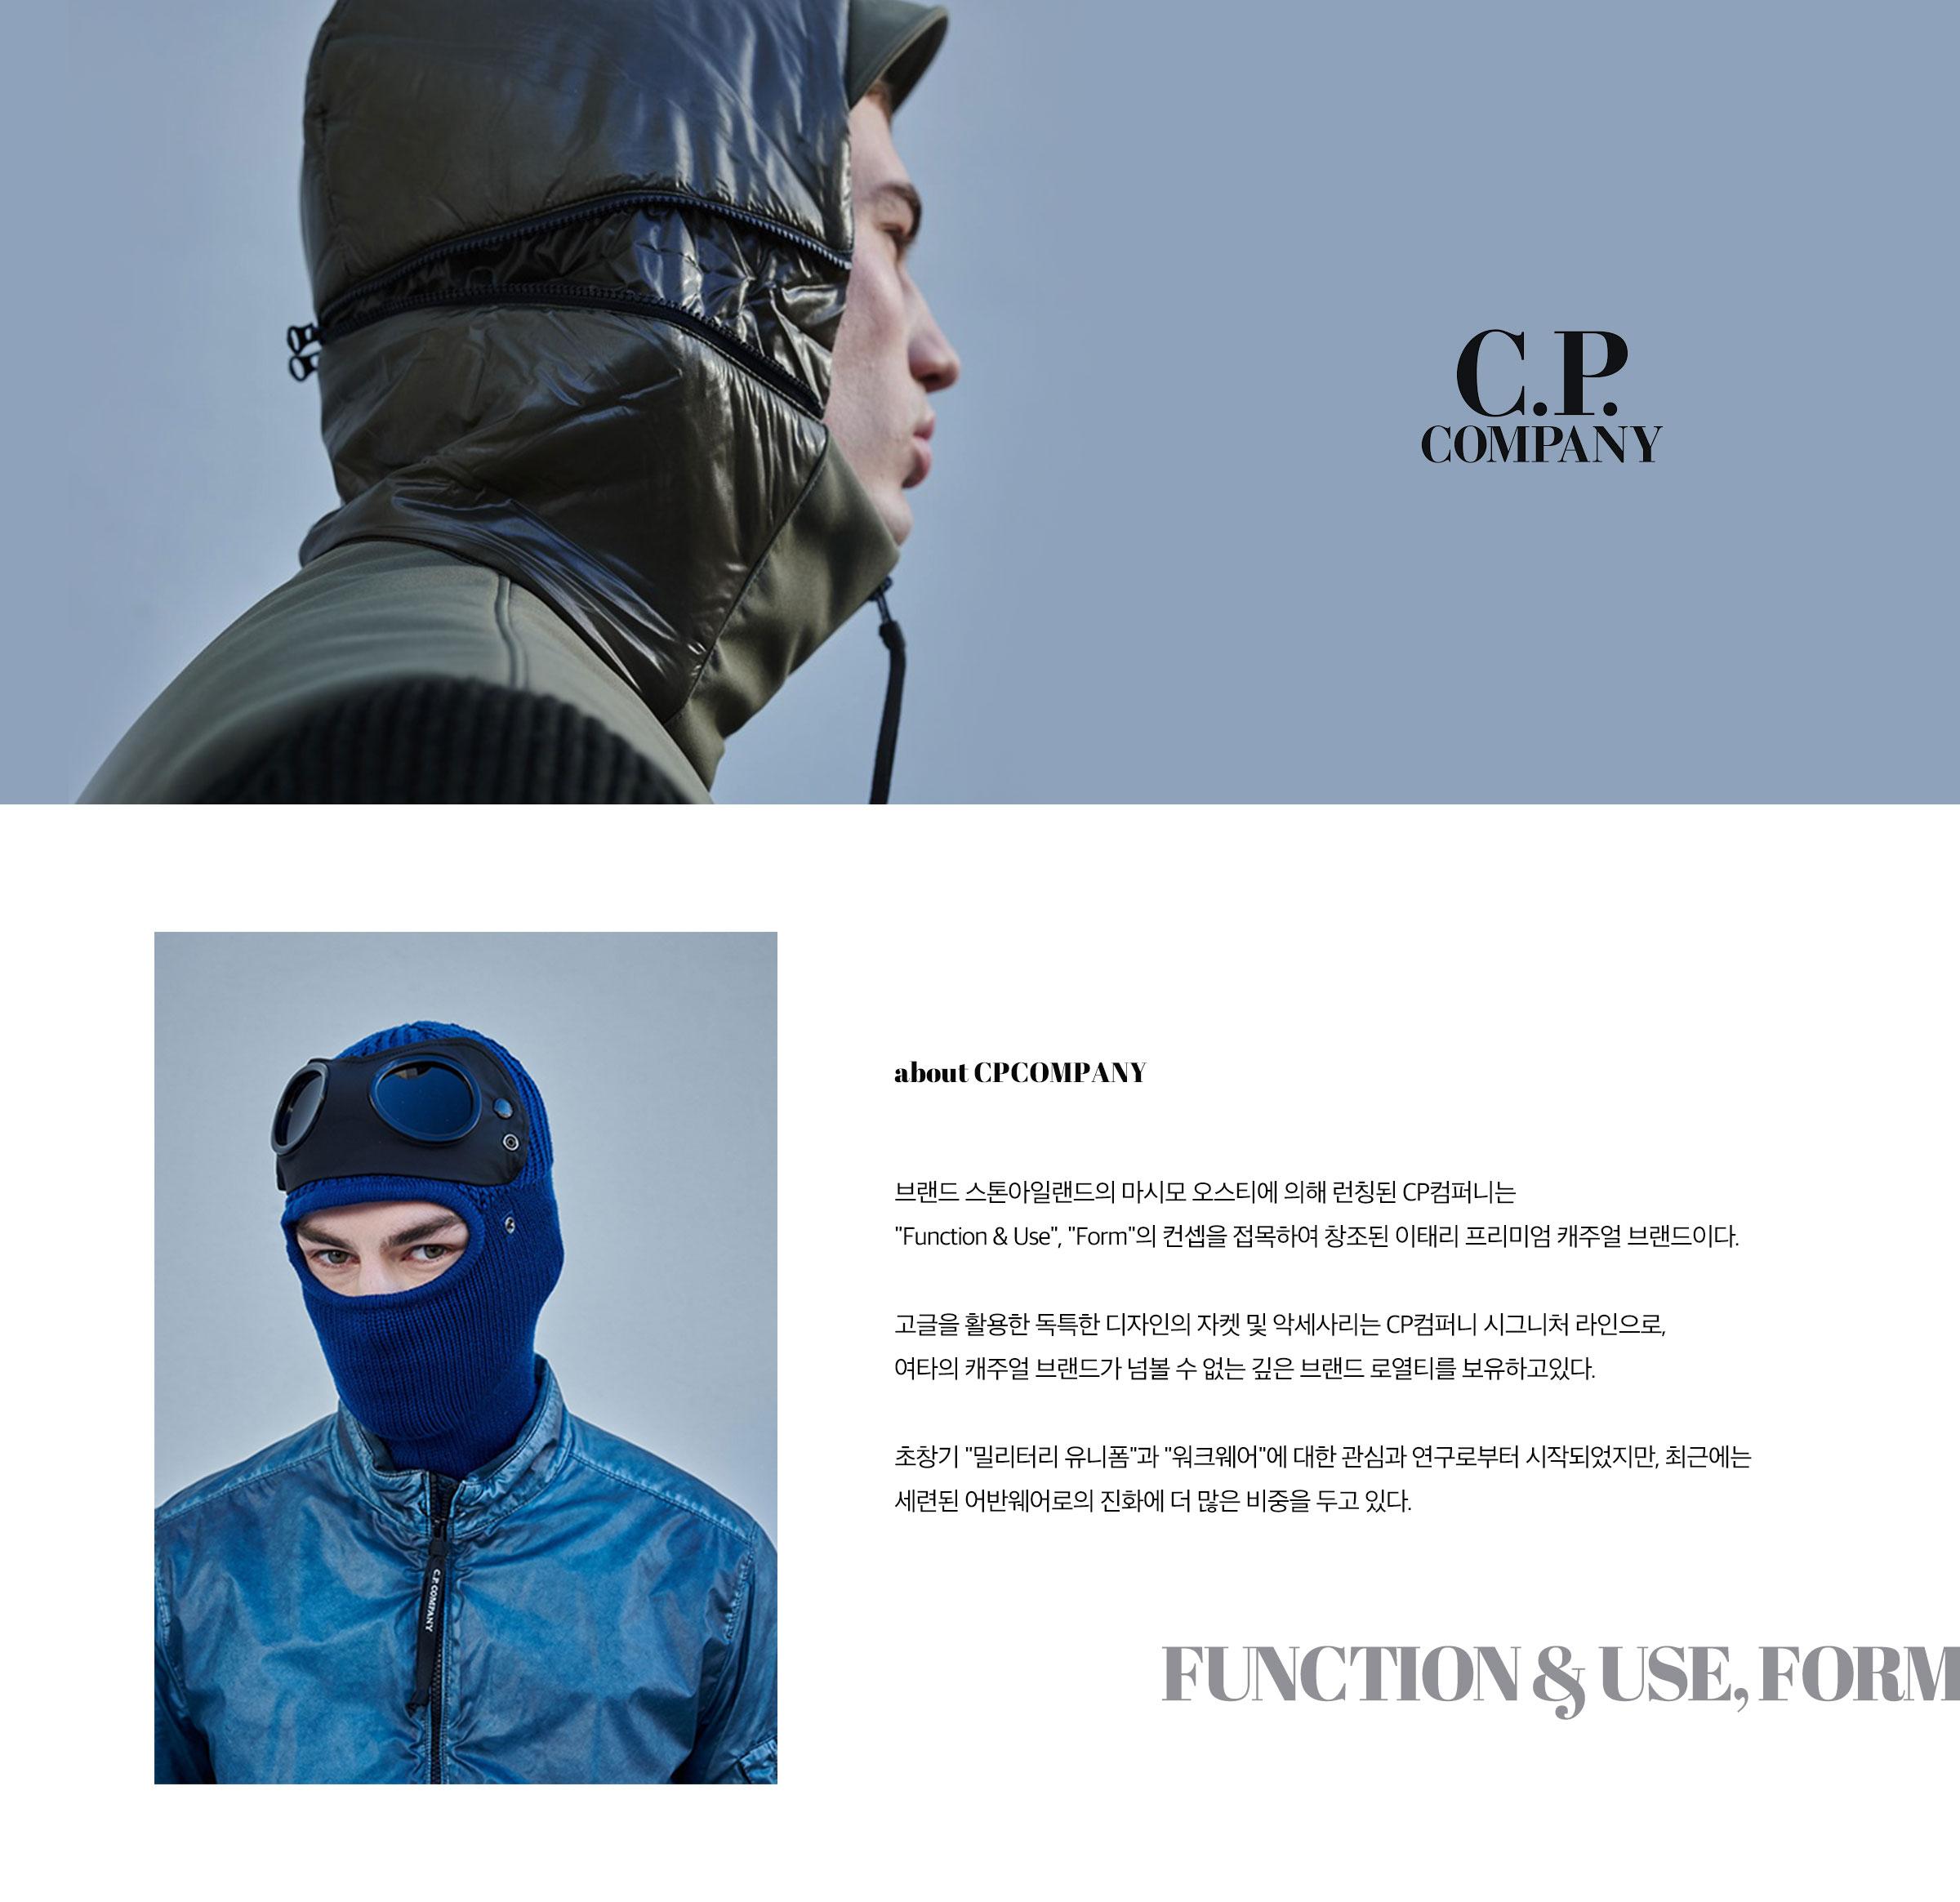 [FW19] CP COMPANY 프리오더